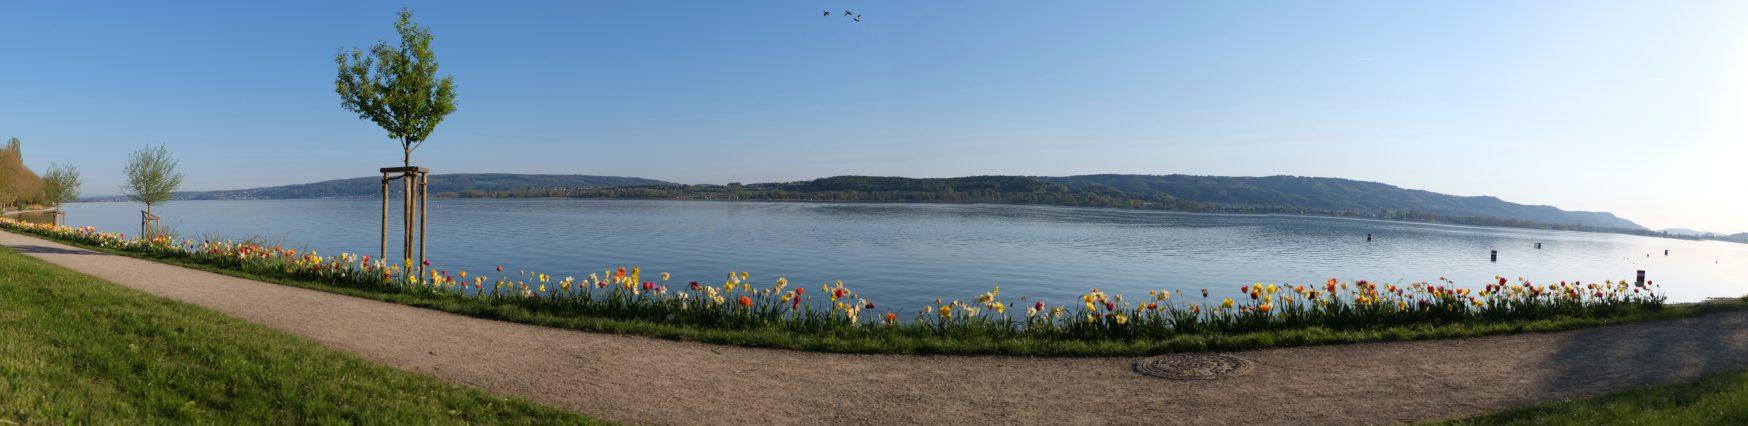 Radolfzell Panorama